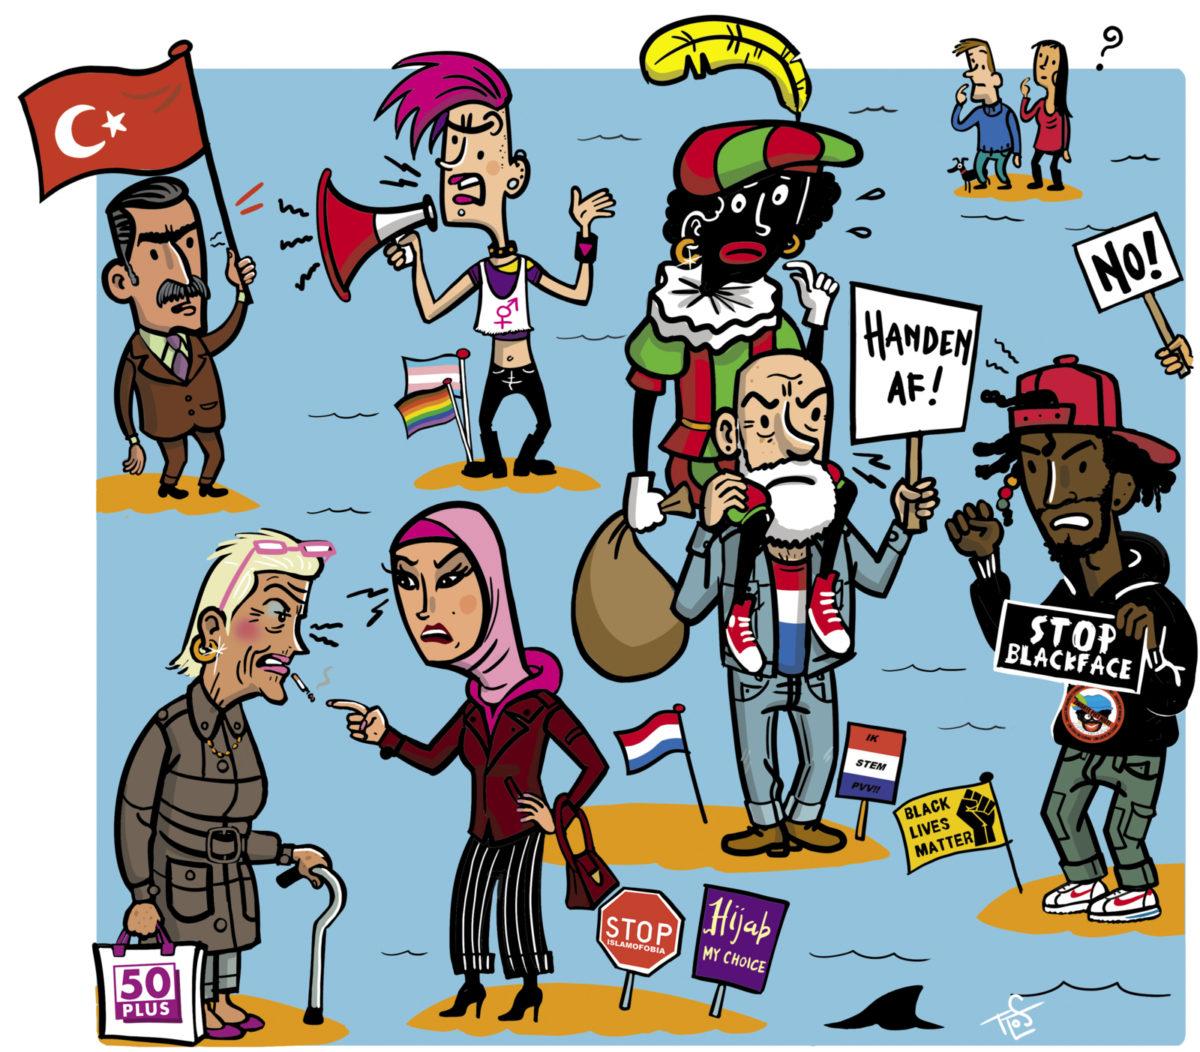 <b>Identiteitspolitiek</b>: iedereen boos en gekrenkt